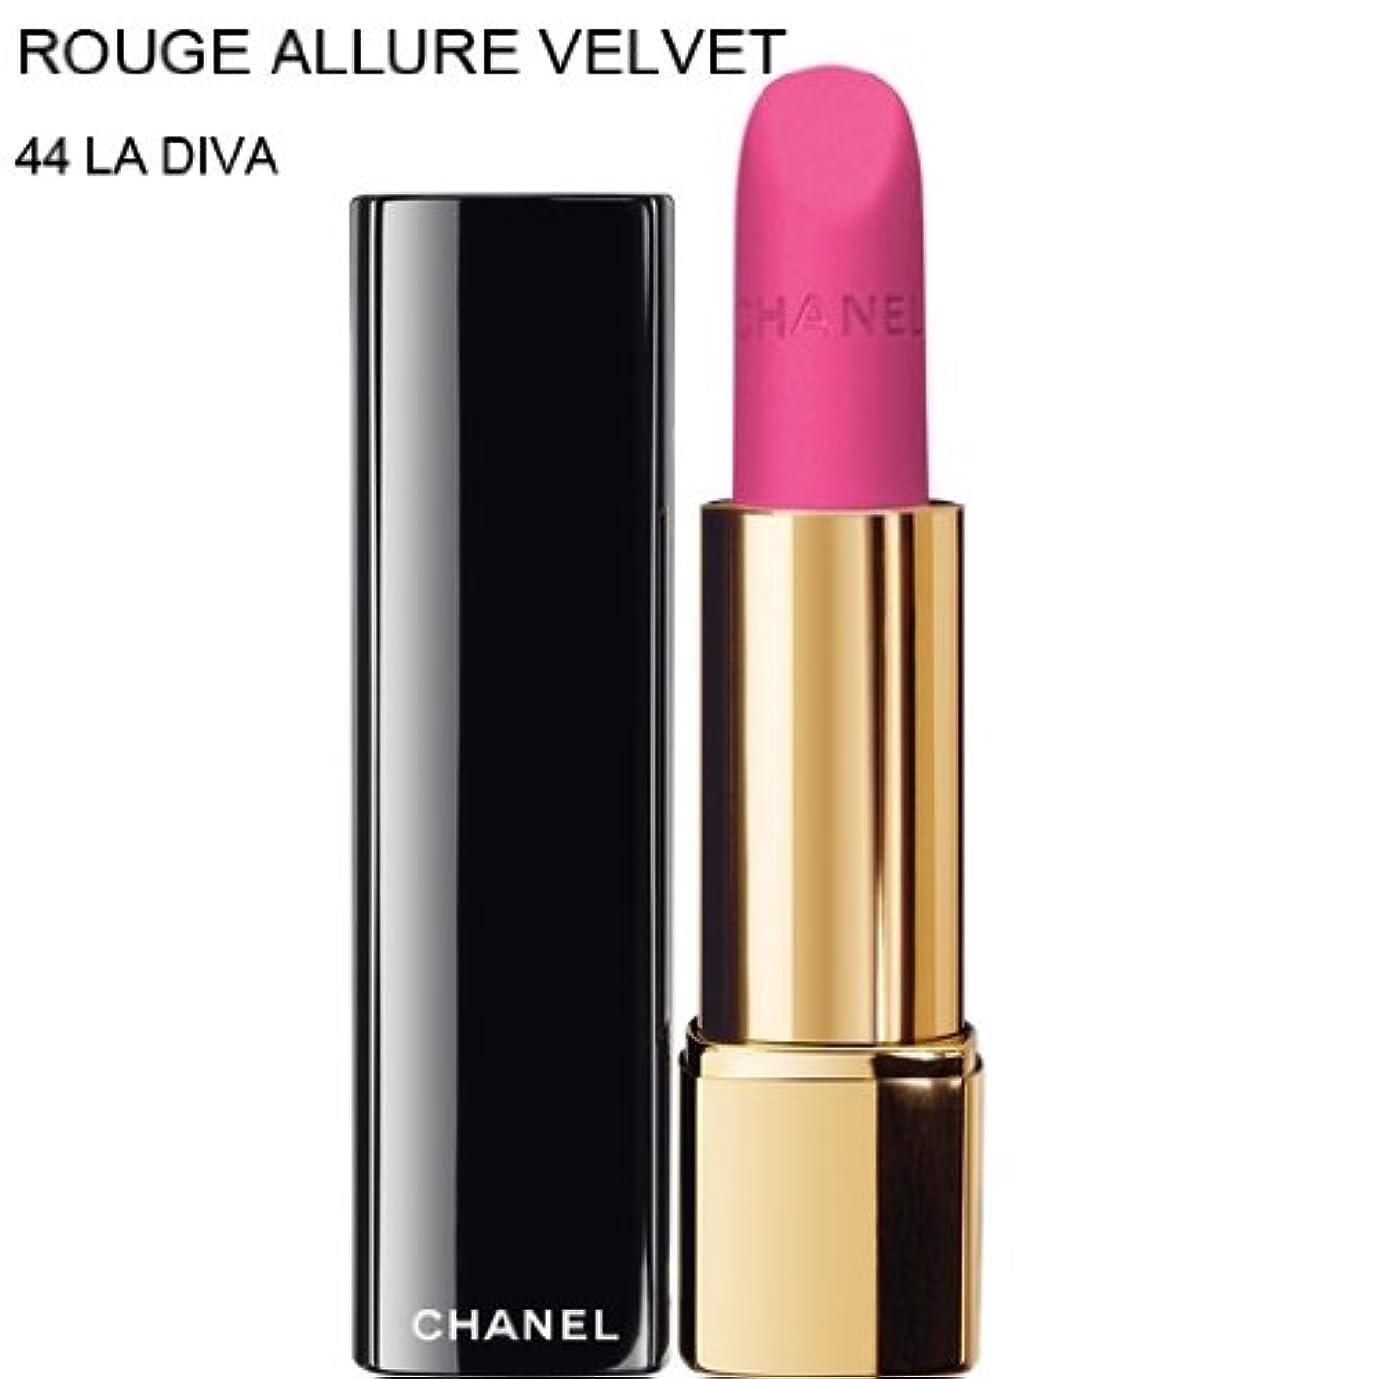 ホテル童謡生じるCHANEL-Lipstick ROUGE ALLURE VELVET (44 LA DIVA)